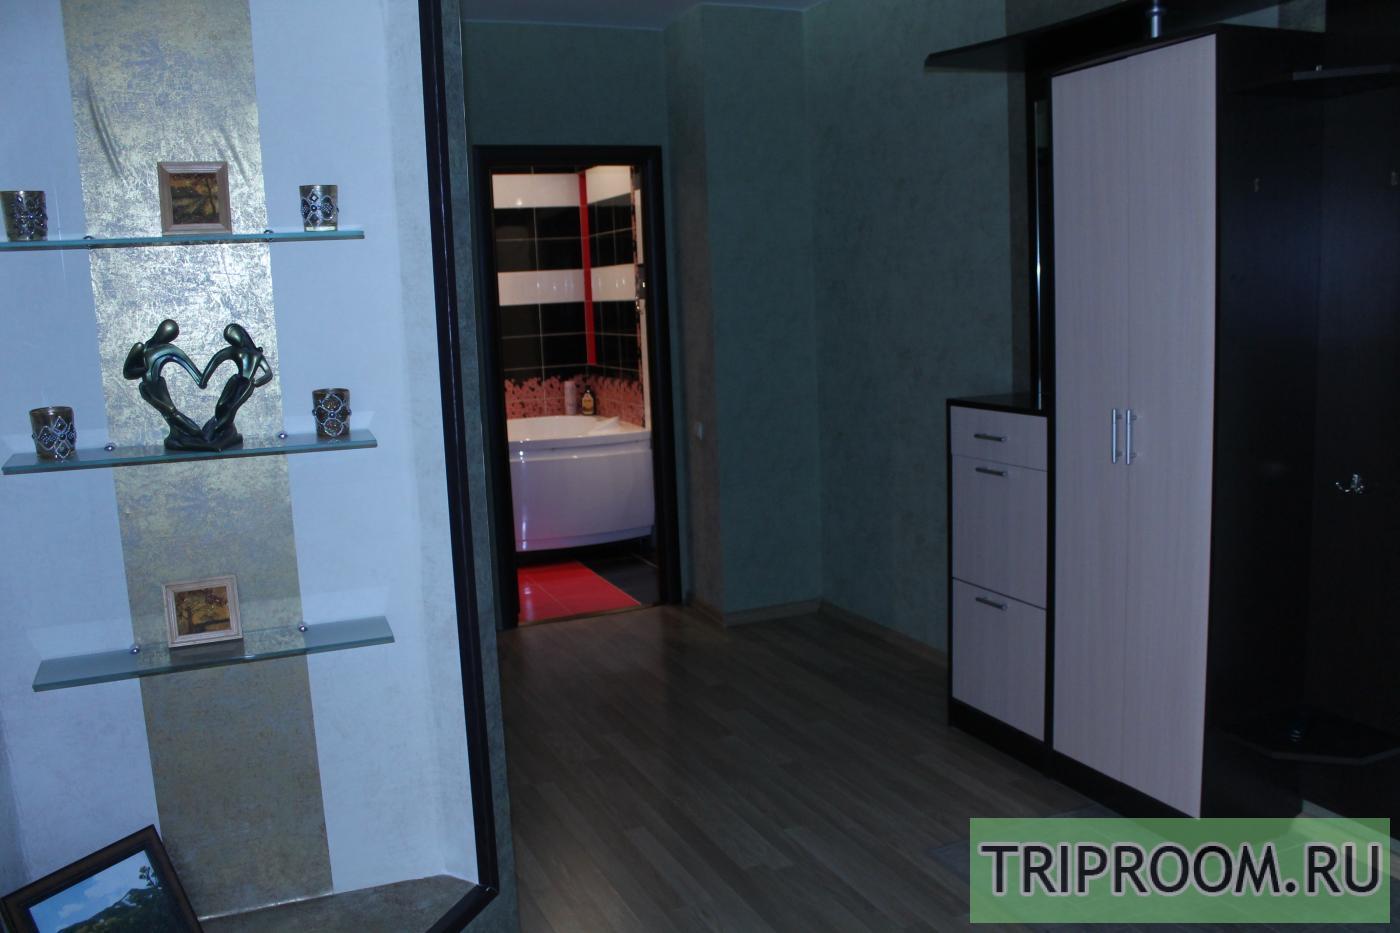 3-комнатная квартира посуточно (вариант № 8212), ул. новоросийская улица, фото № 7